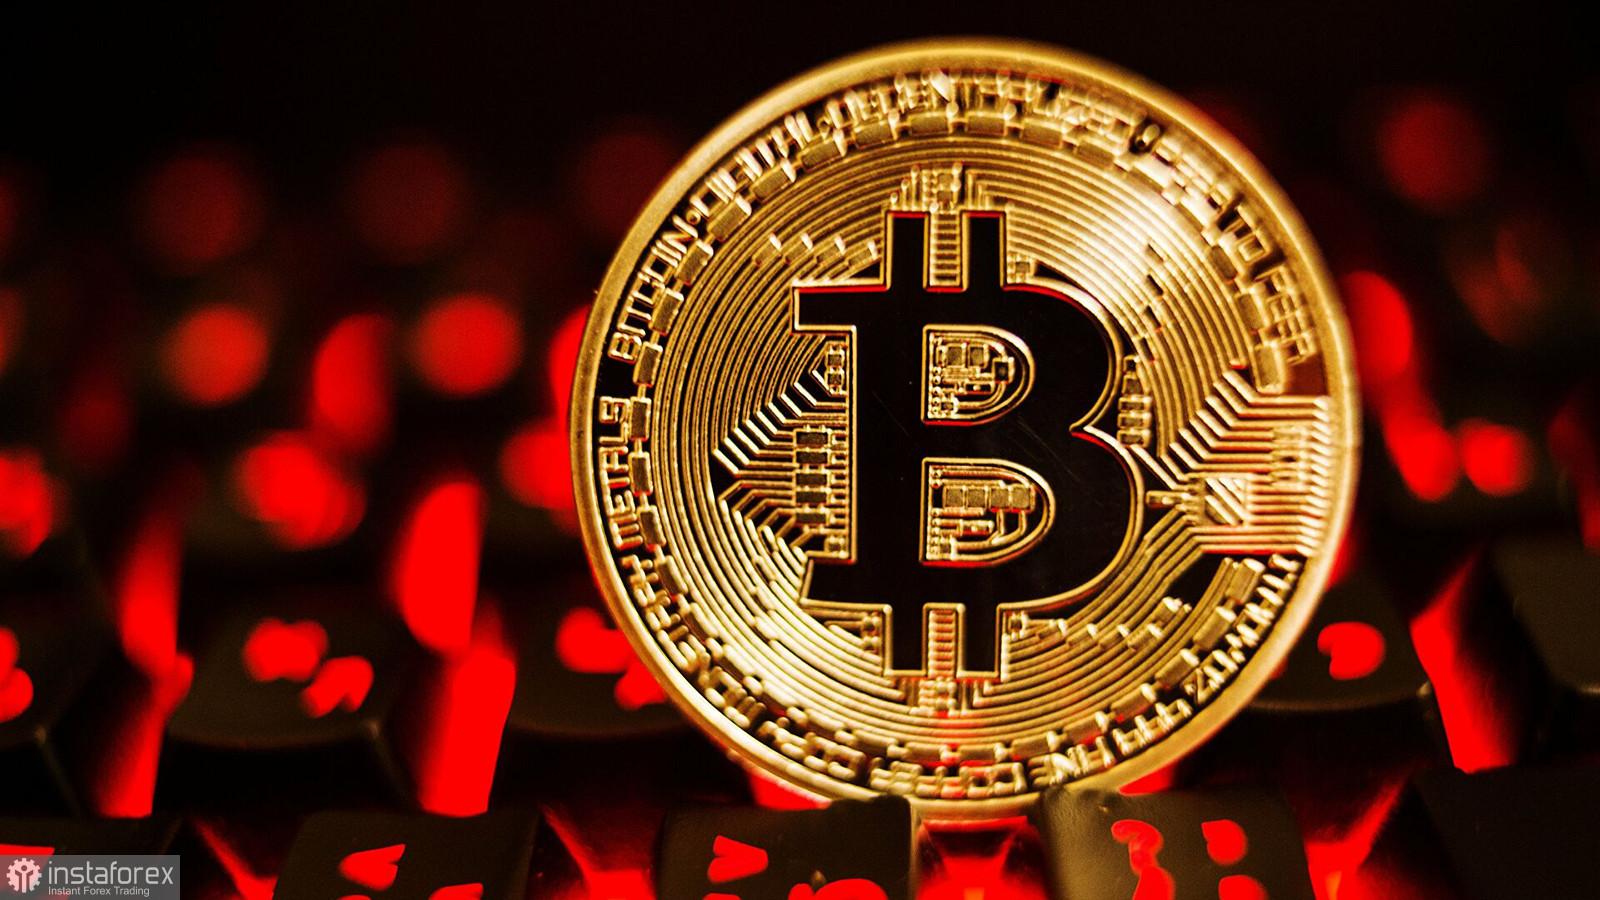 Prostul băiat investește în bitcoin